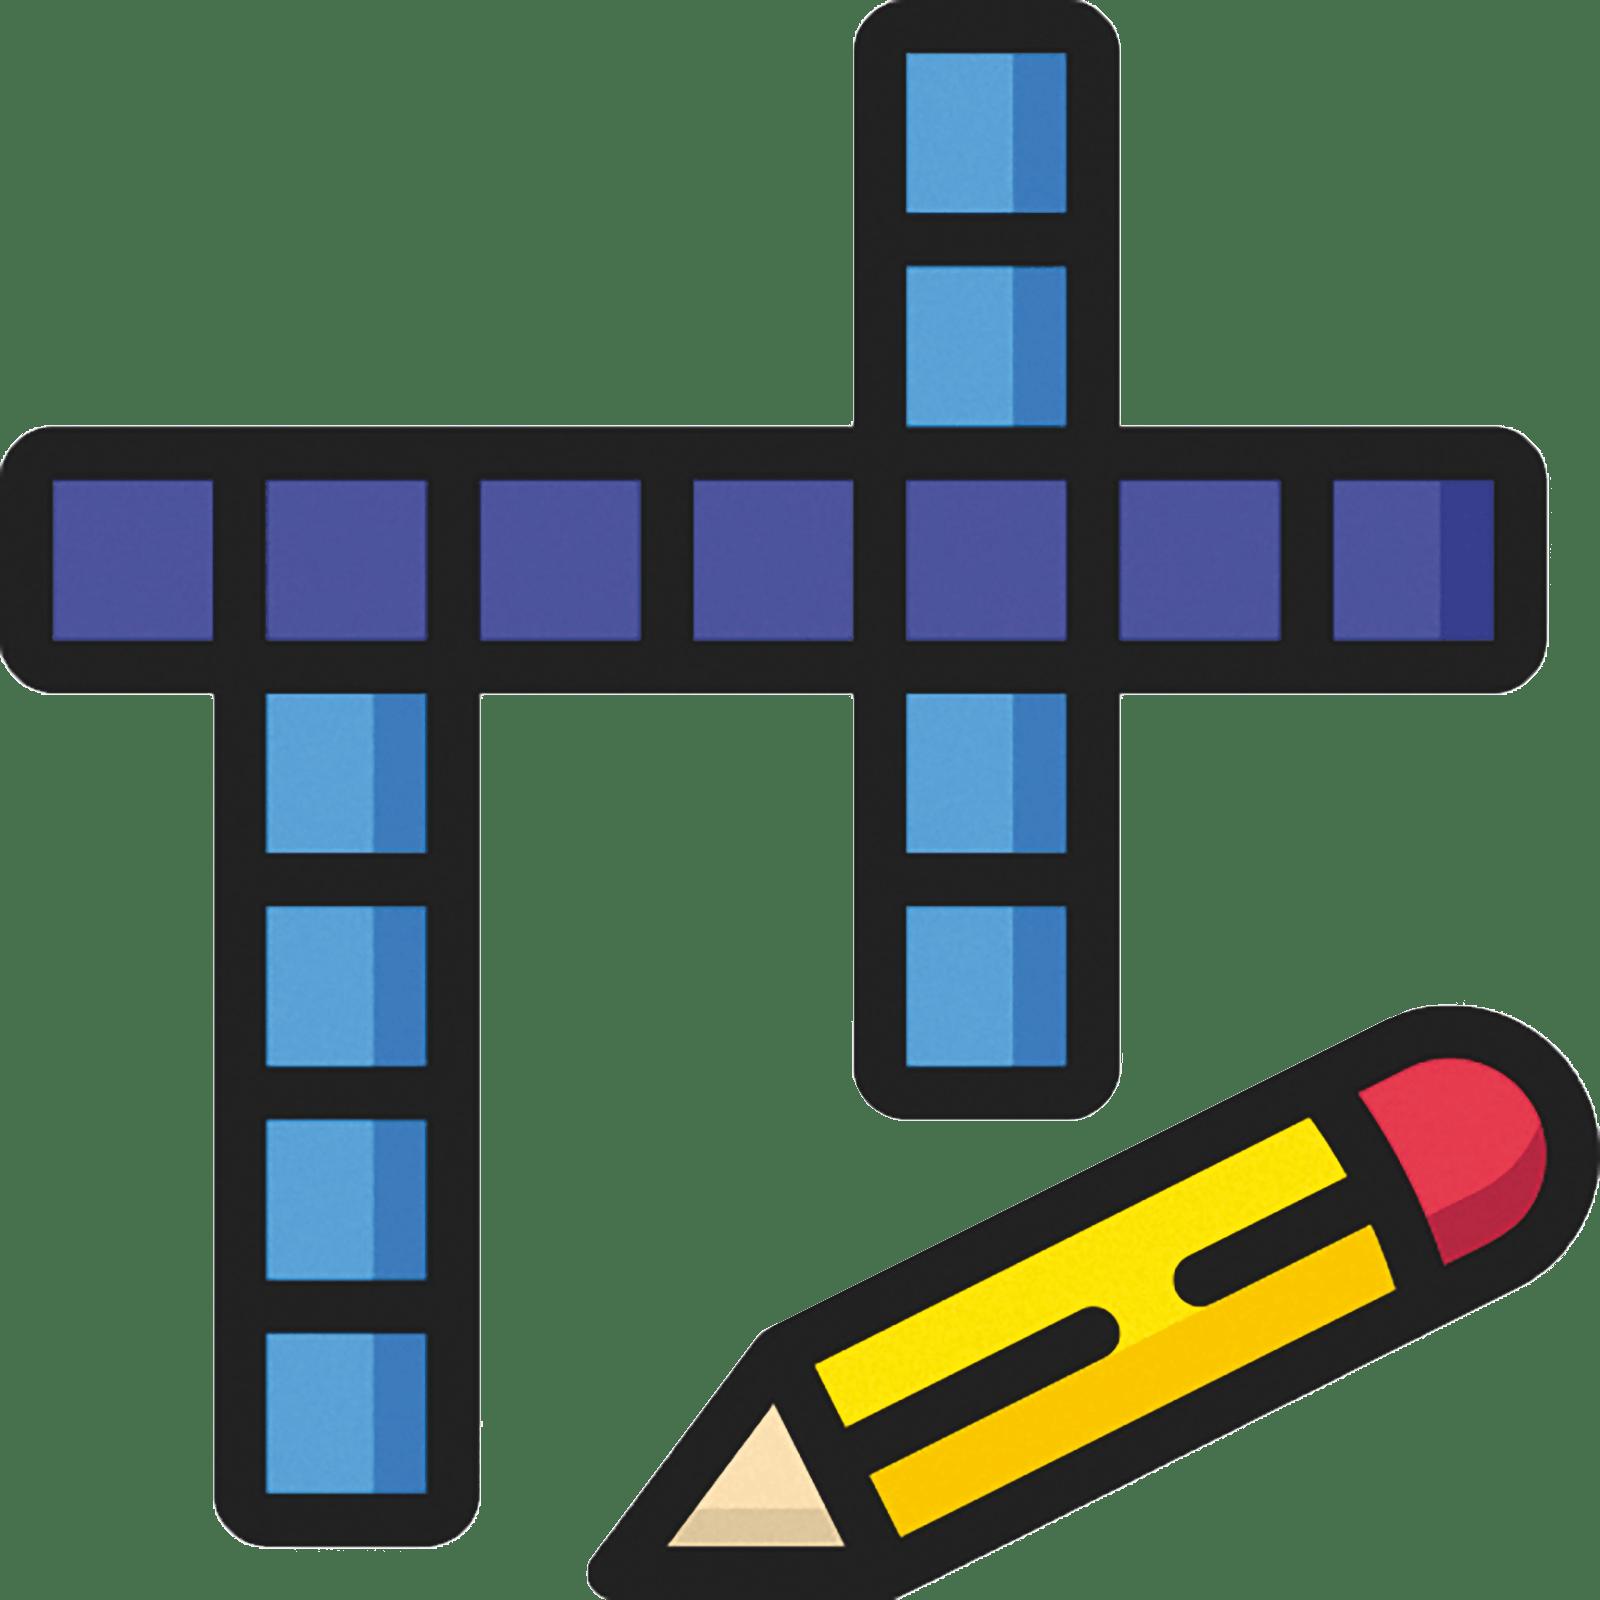 crosswords drawing